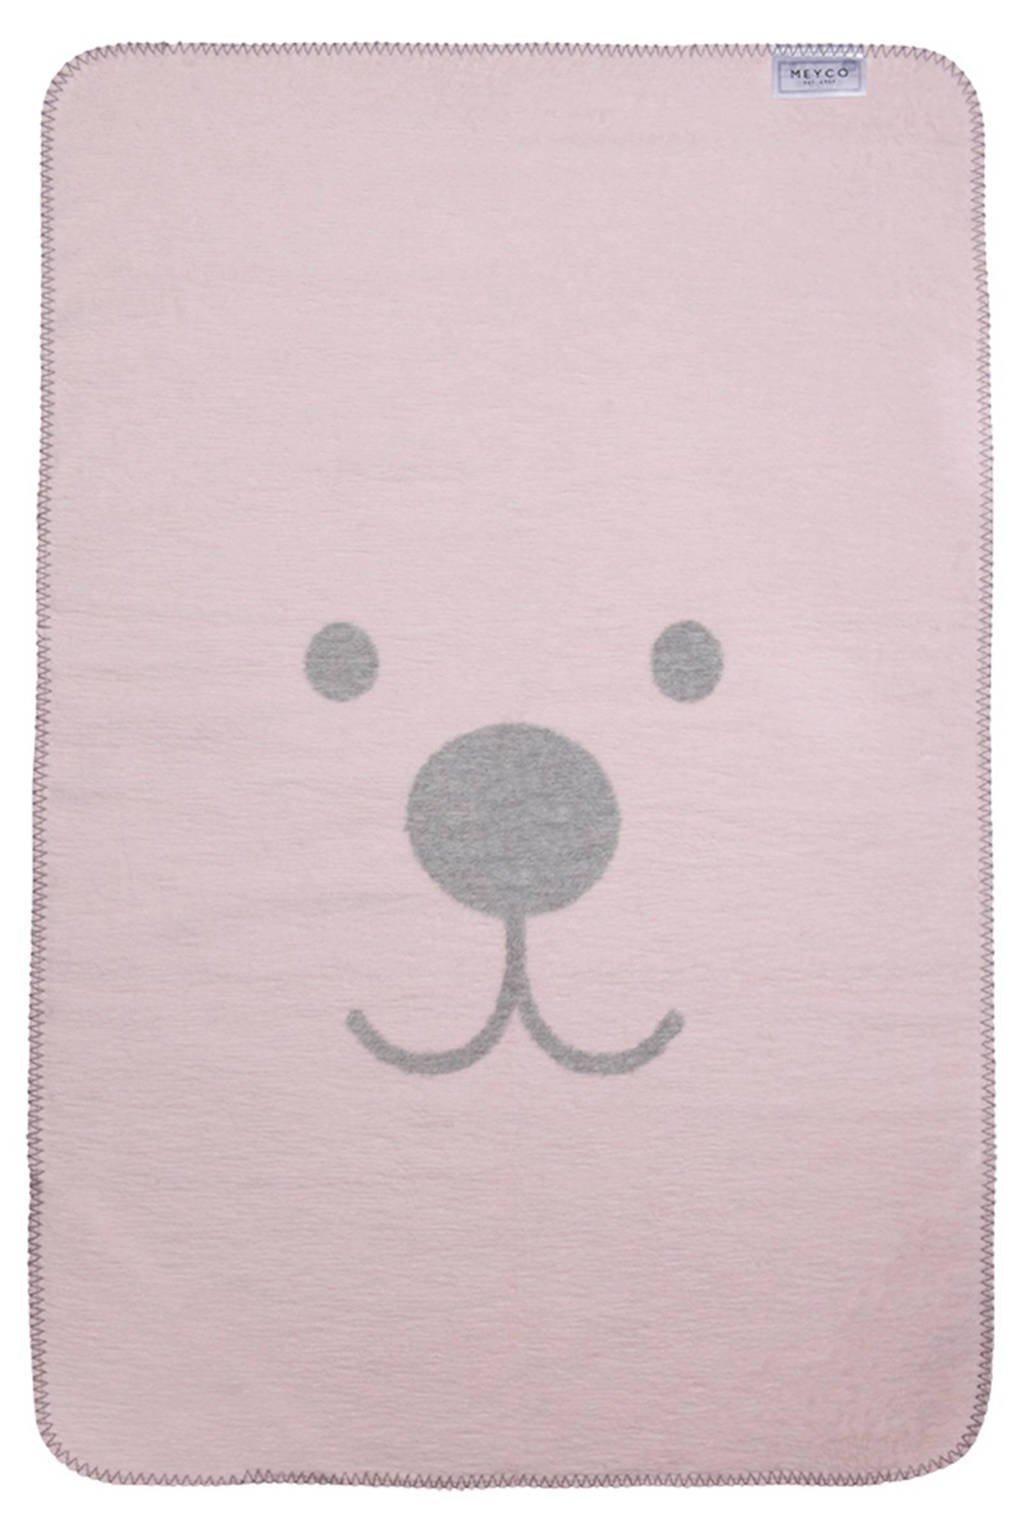 Meyco Animal ledikantdeken 120x150 cm roze/grijs, Roze/grijs